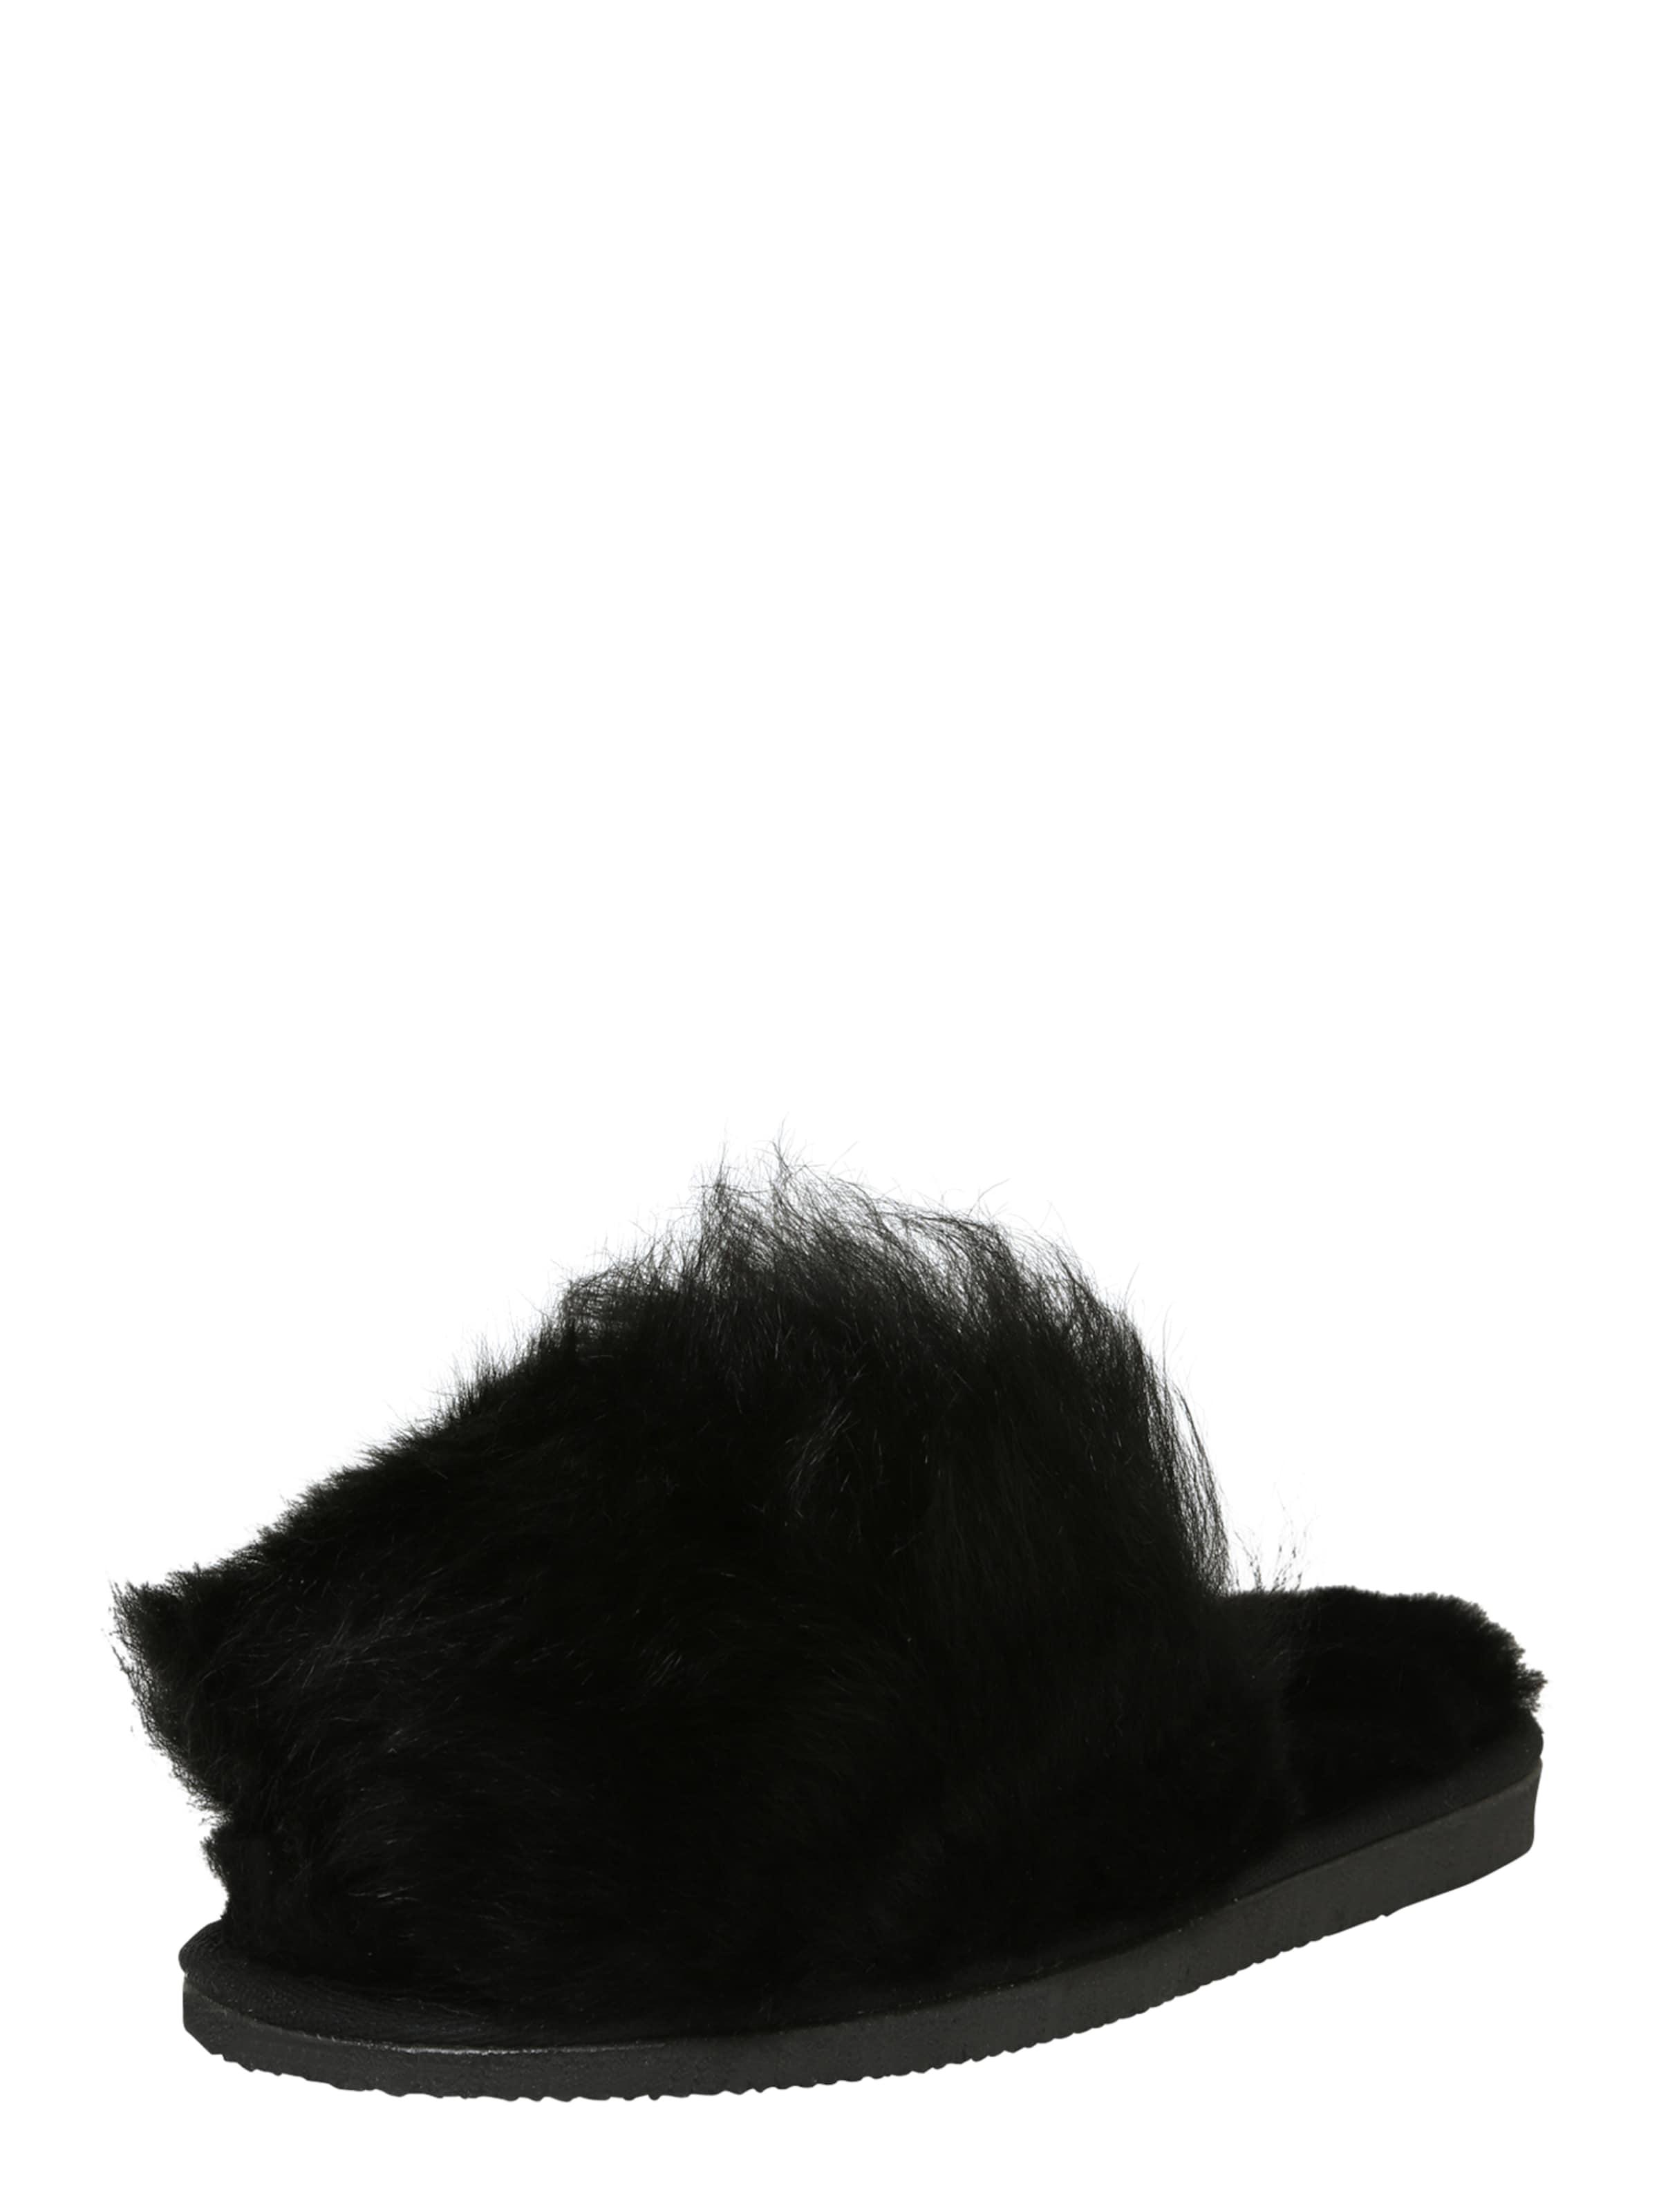 SHEPHERD OF SWEDEN Hausschuhe 'Tessan' in schwarz